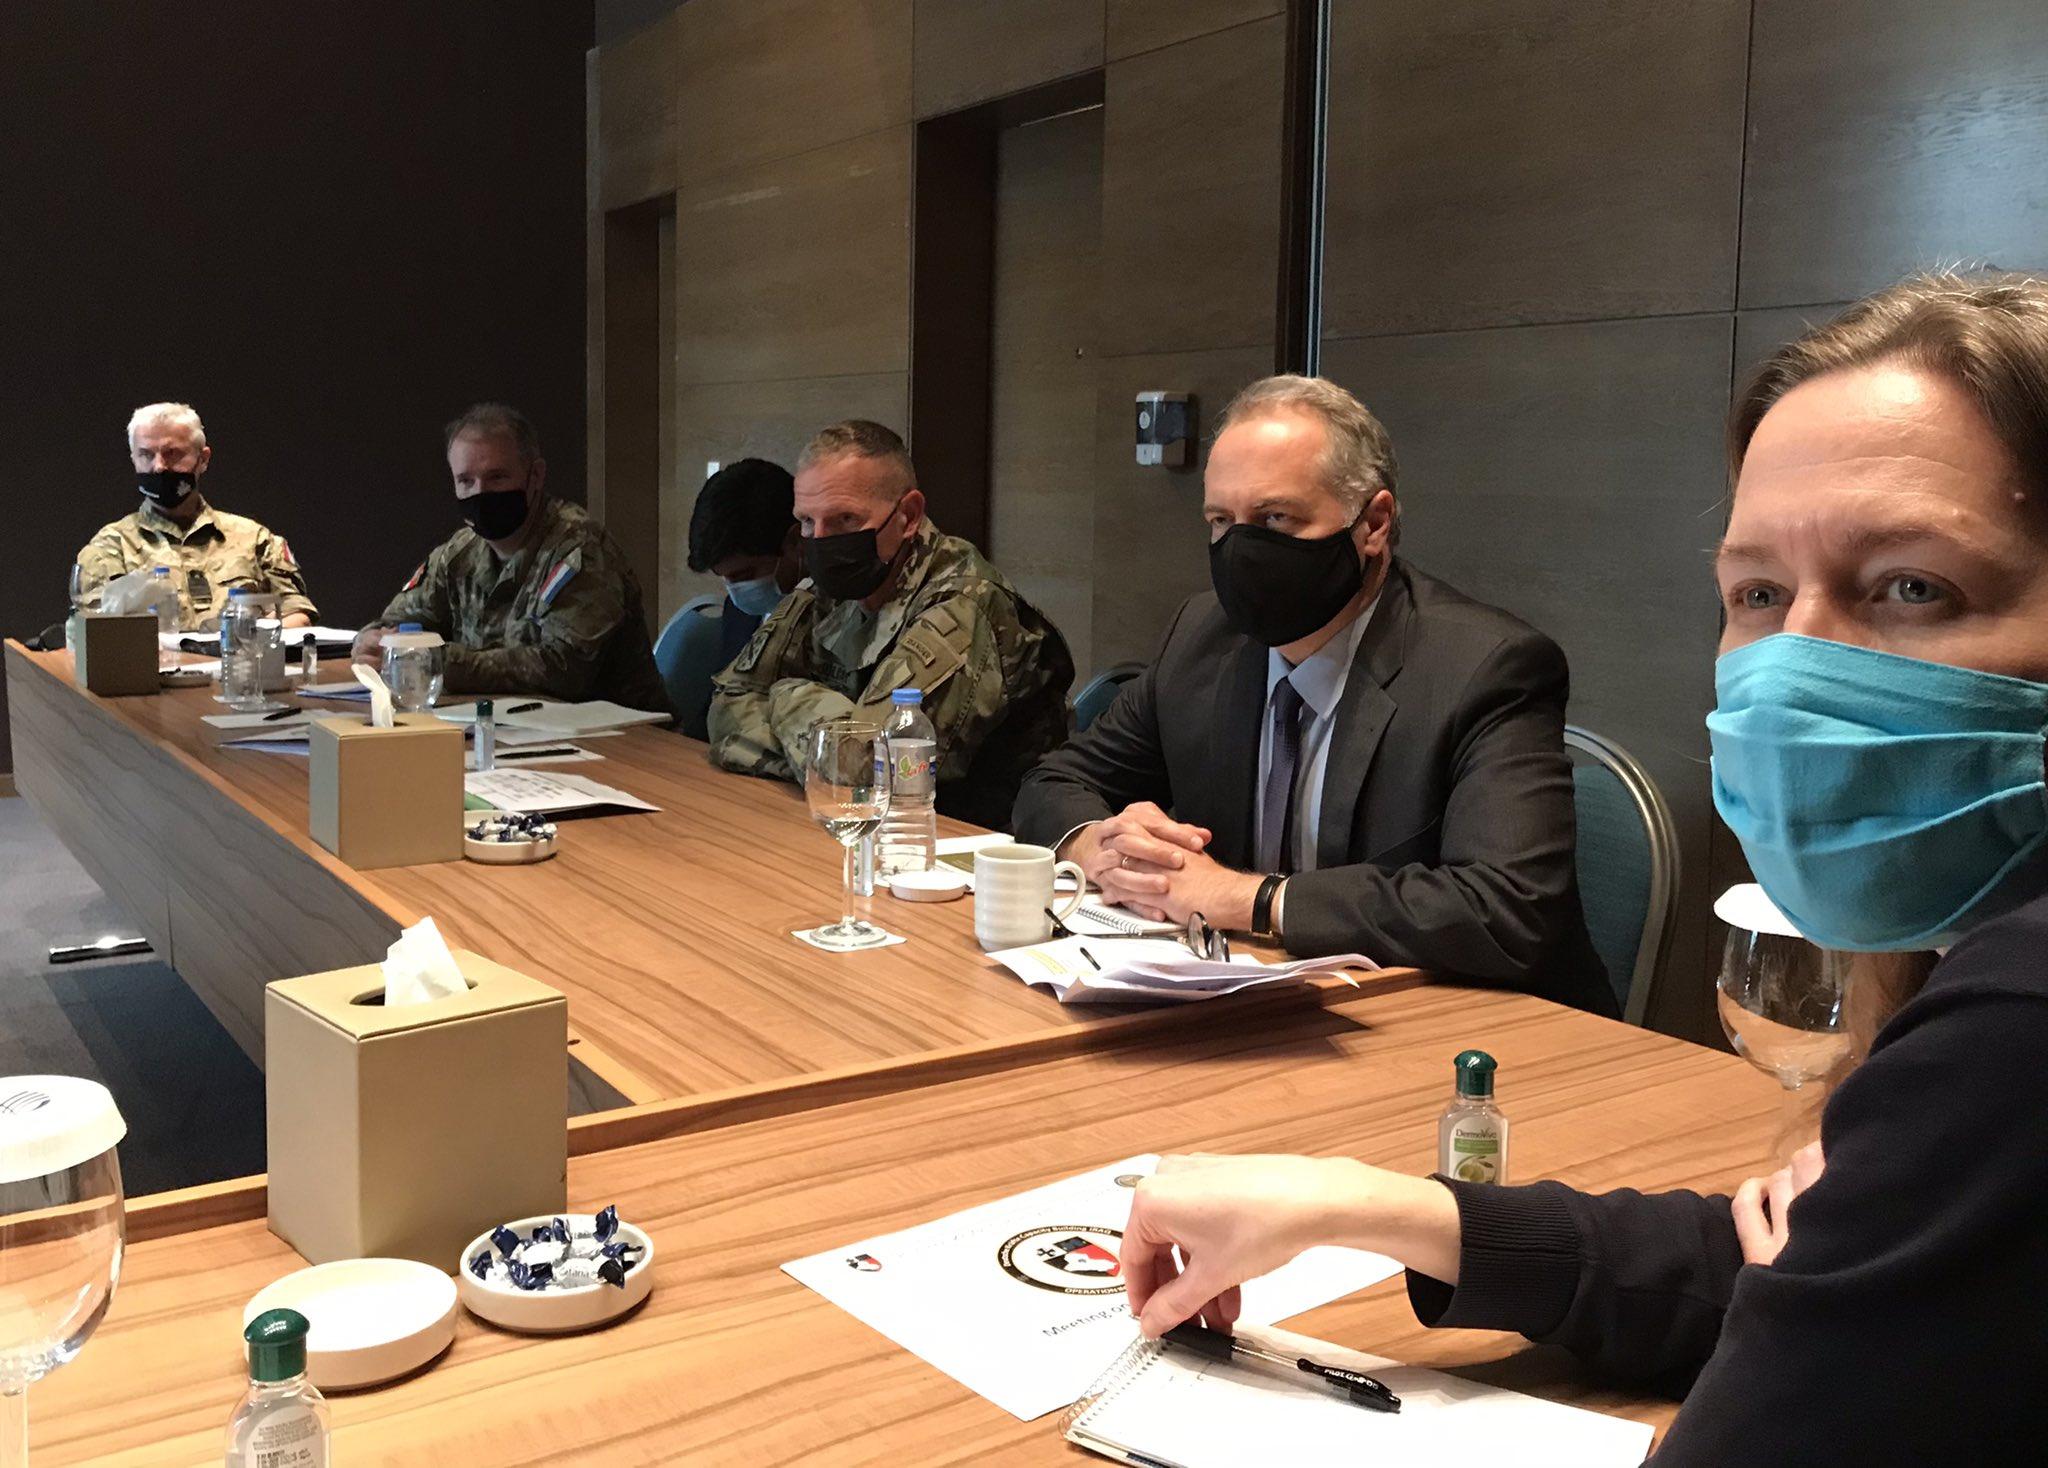 Uluslararası Koalisyon ve Peşmerge temsilcileri reformları konuştu